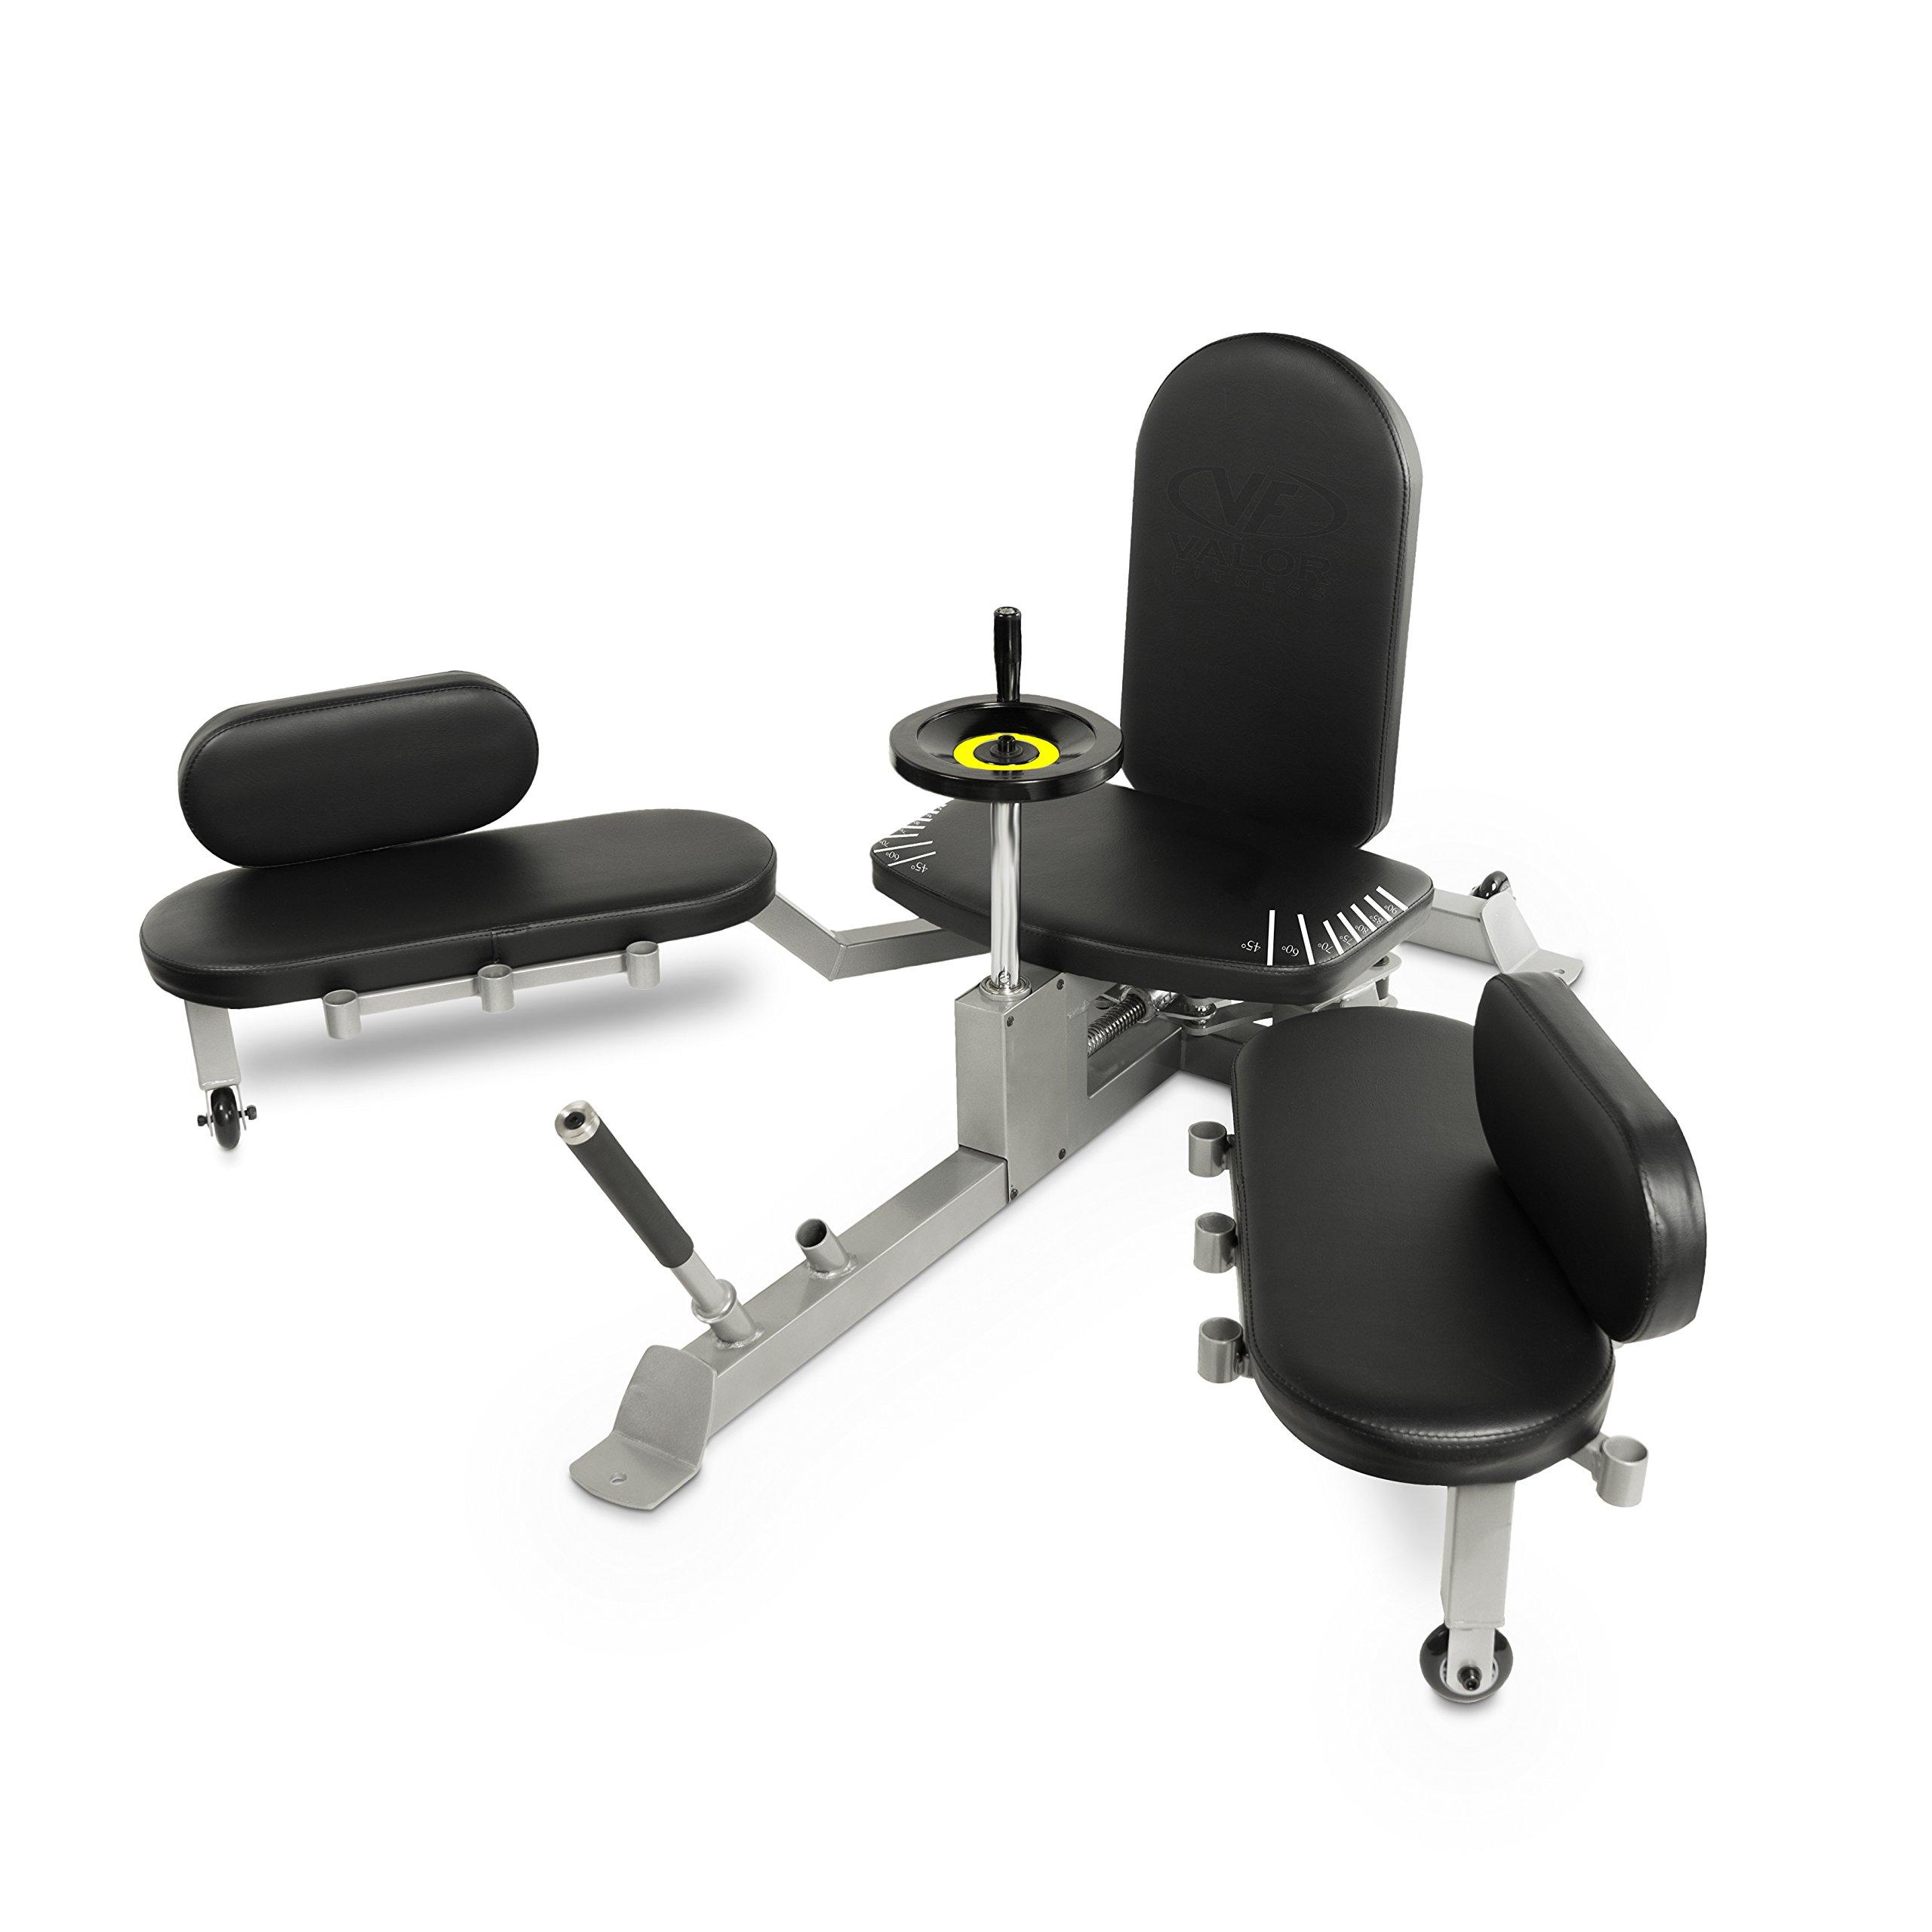 ValorPRO CA-28 Leg Stretcher by Valor Fitness